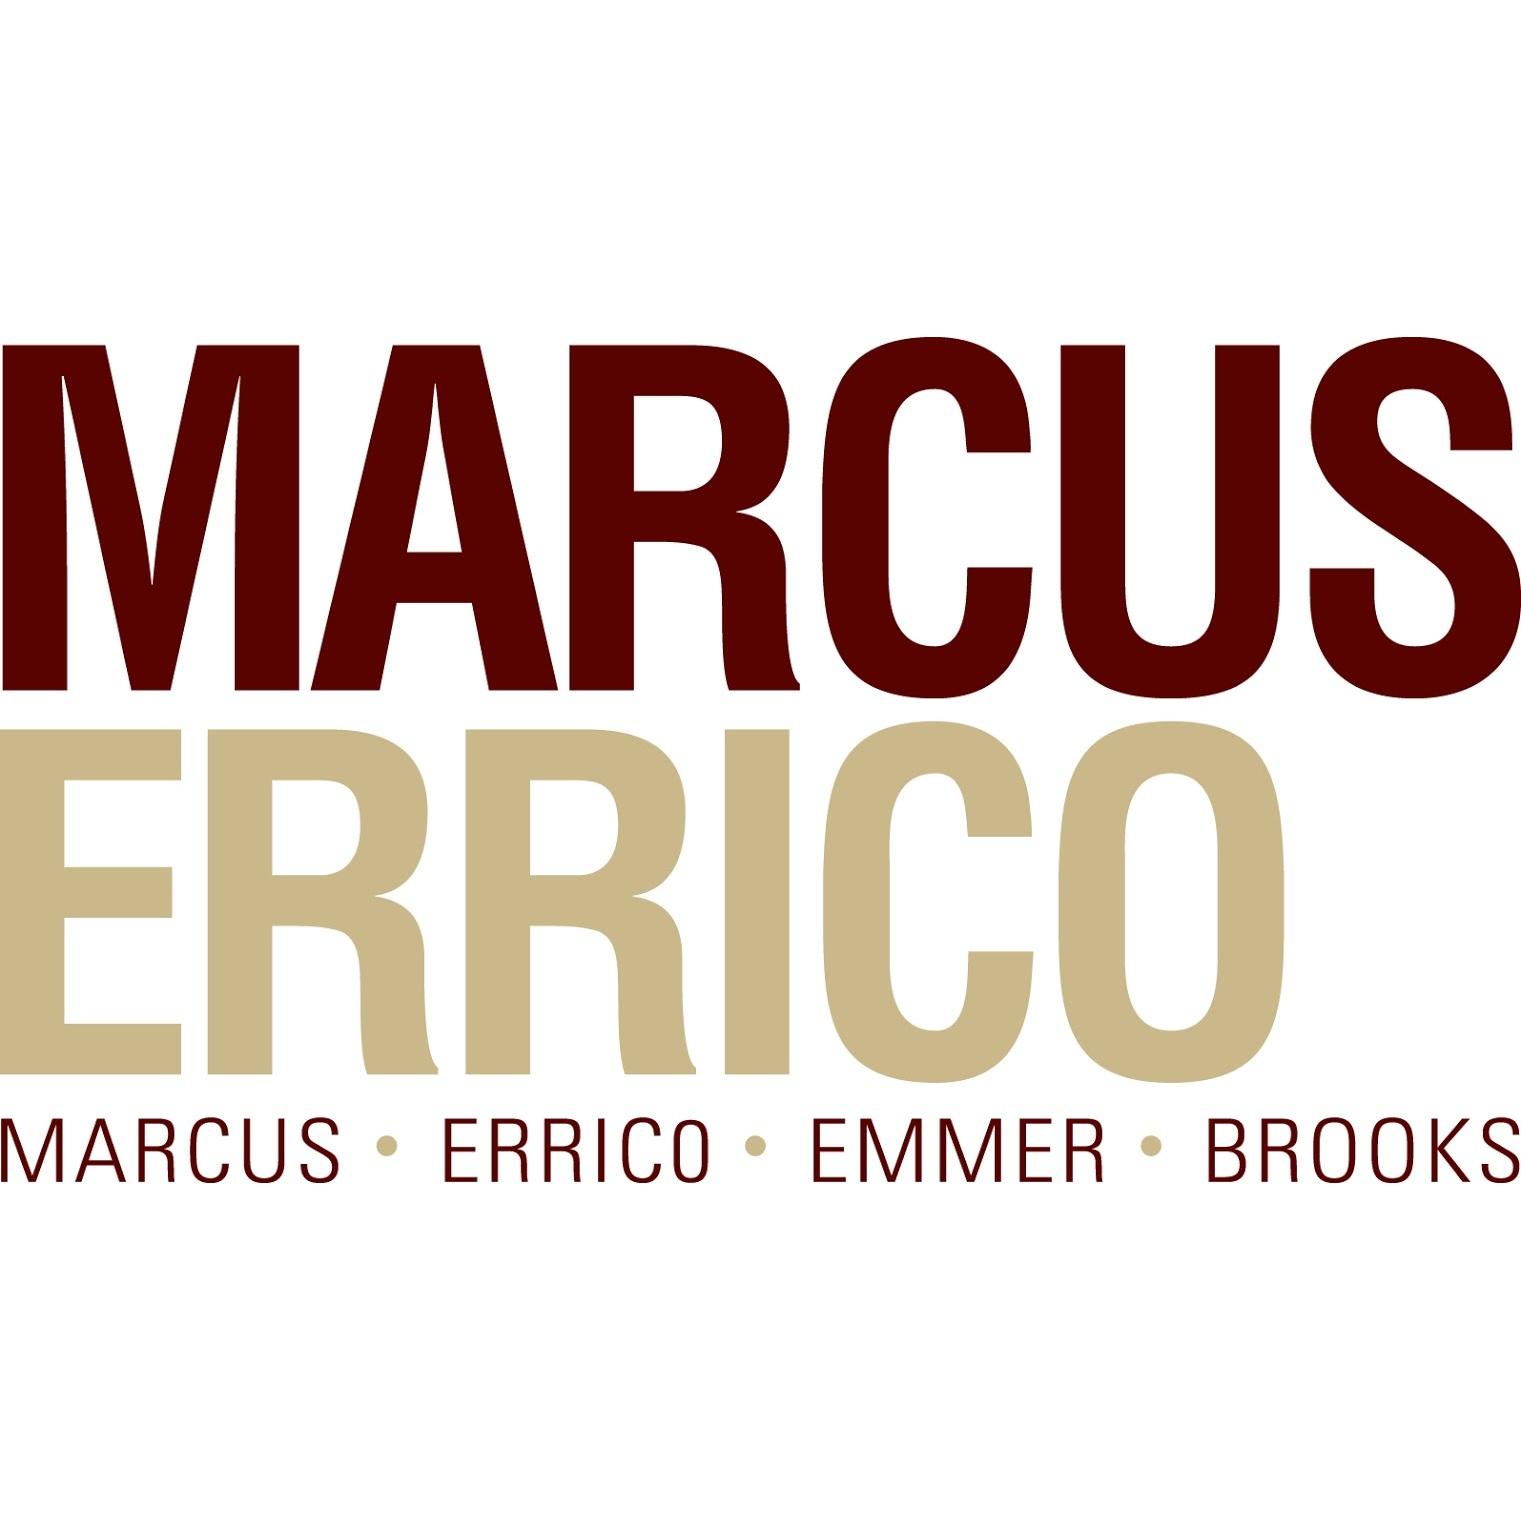 Marcus Errico Emmer Brooks PC